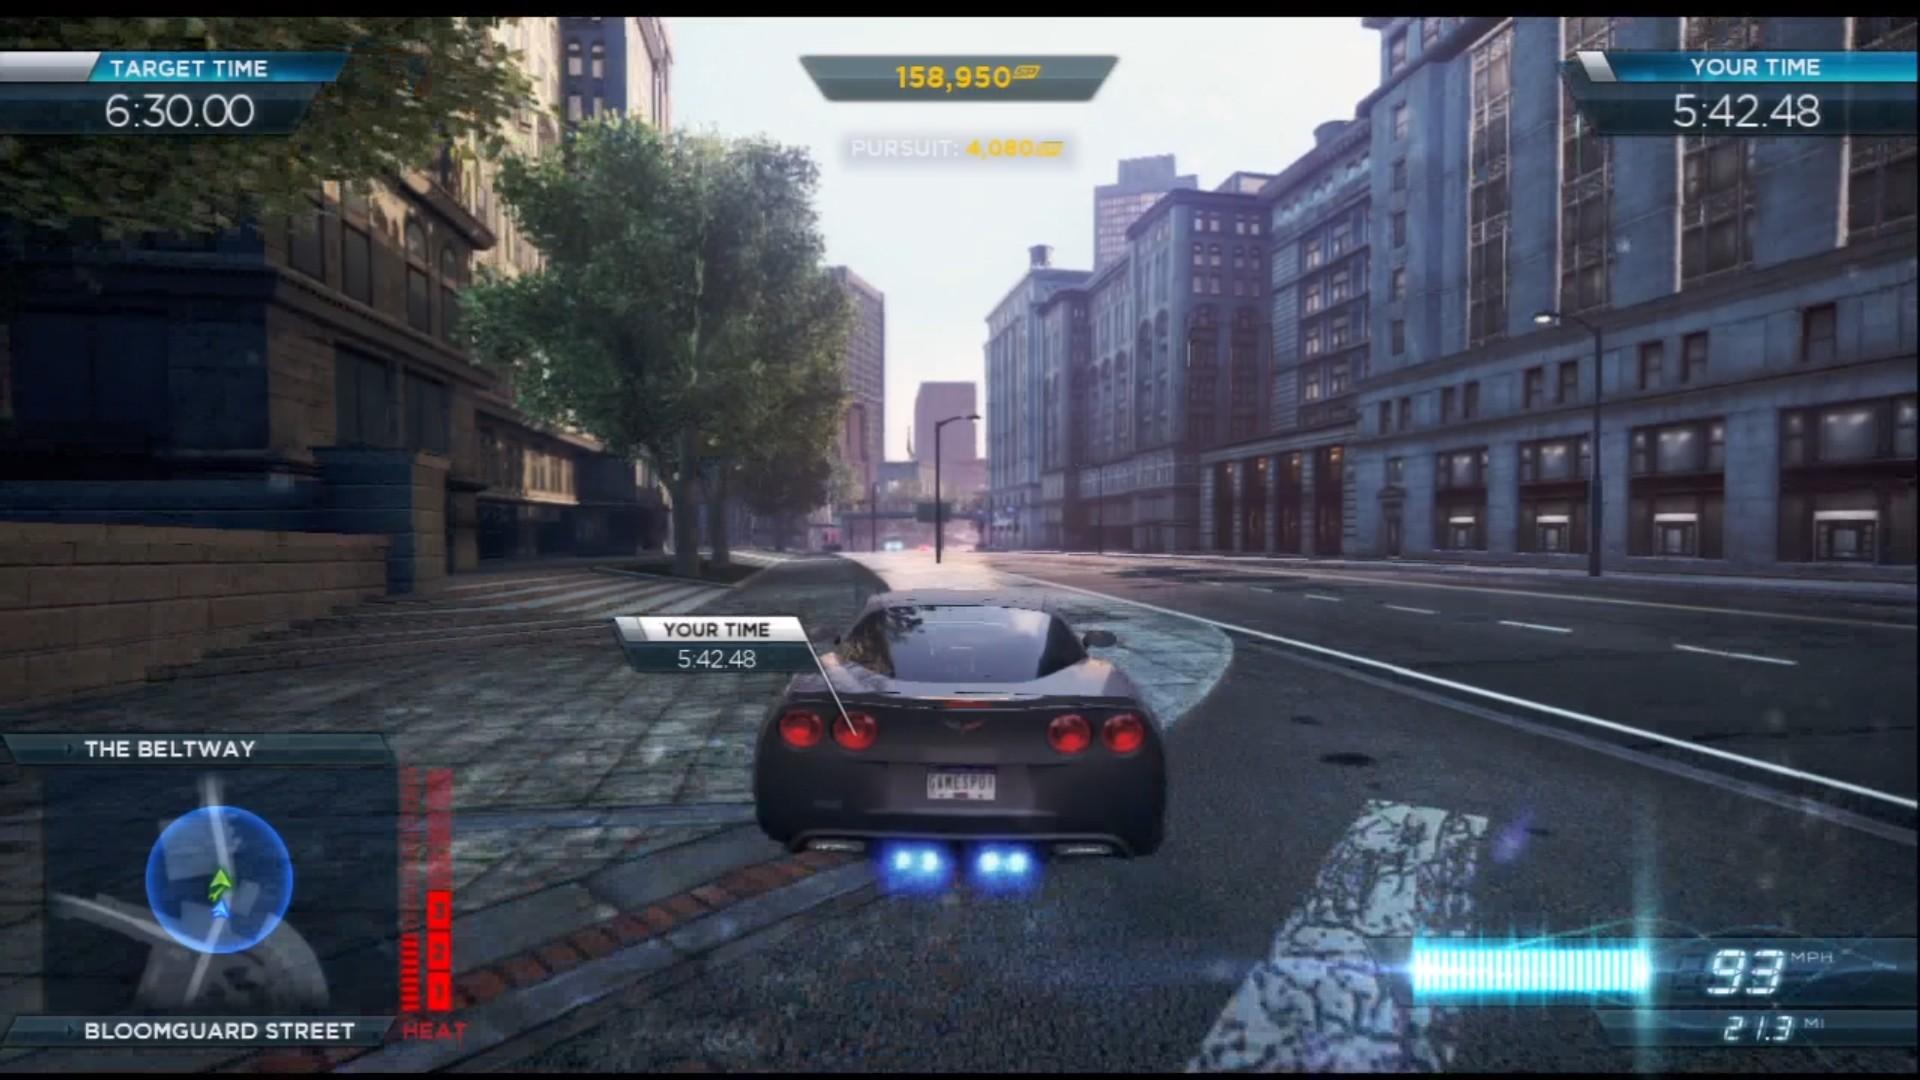 Почему игра need for speed most wanted limited edition долго загружается